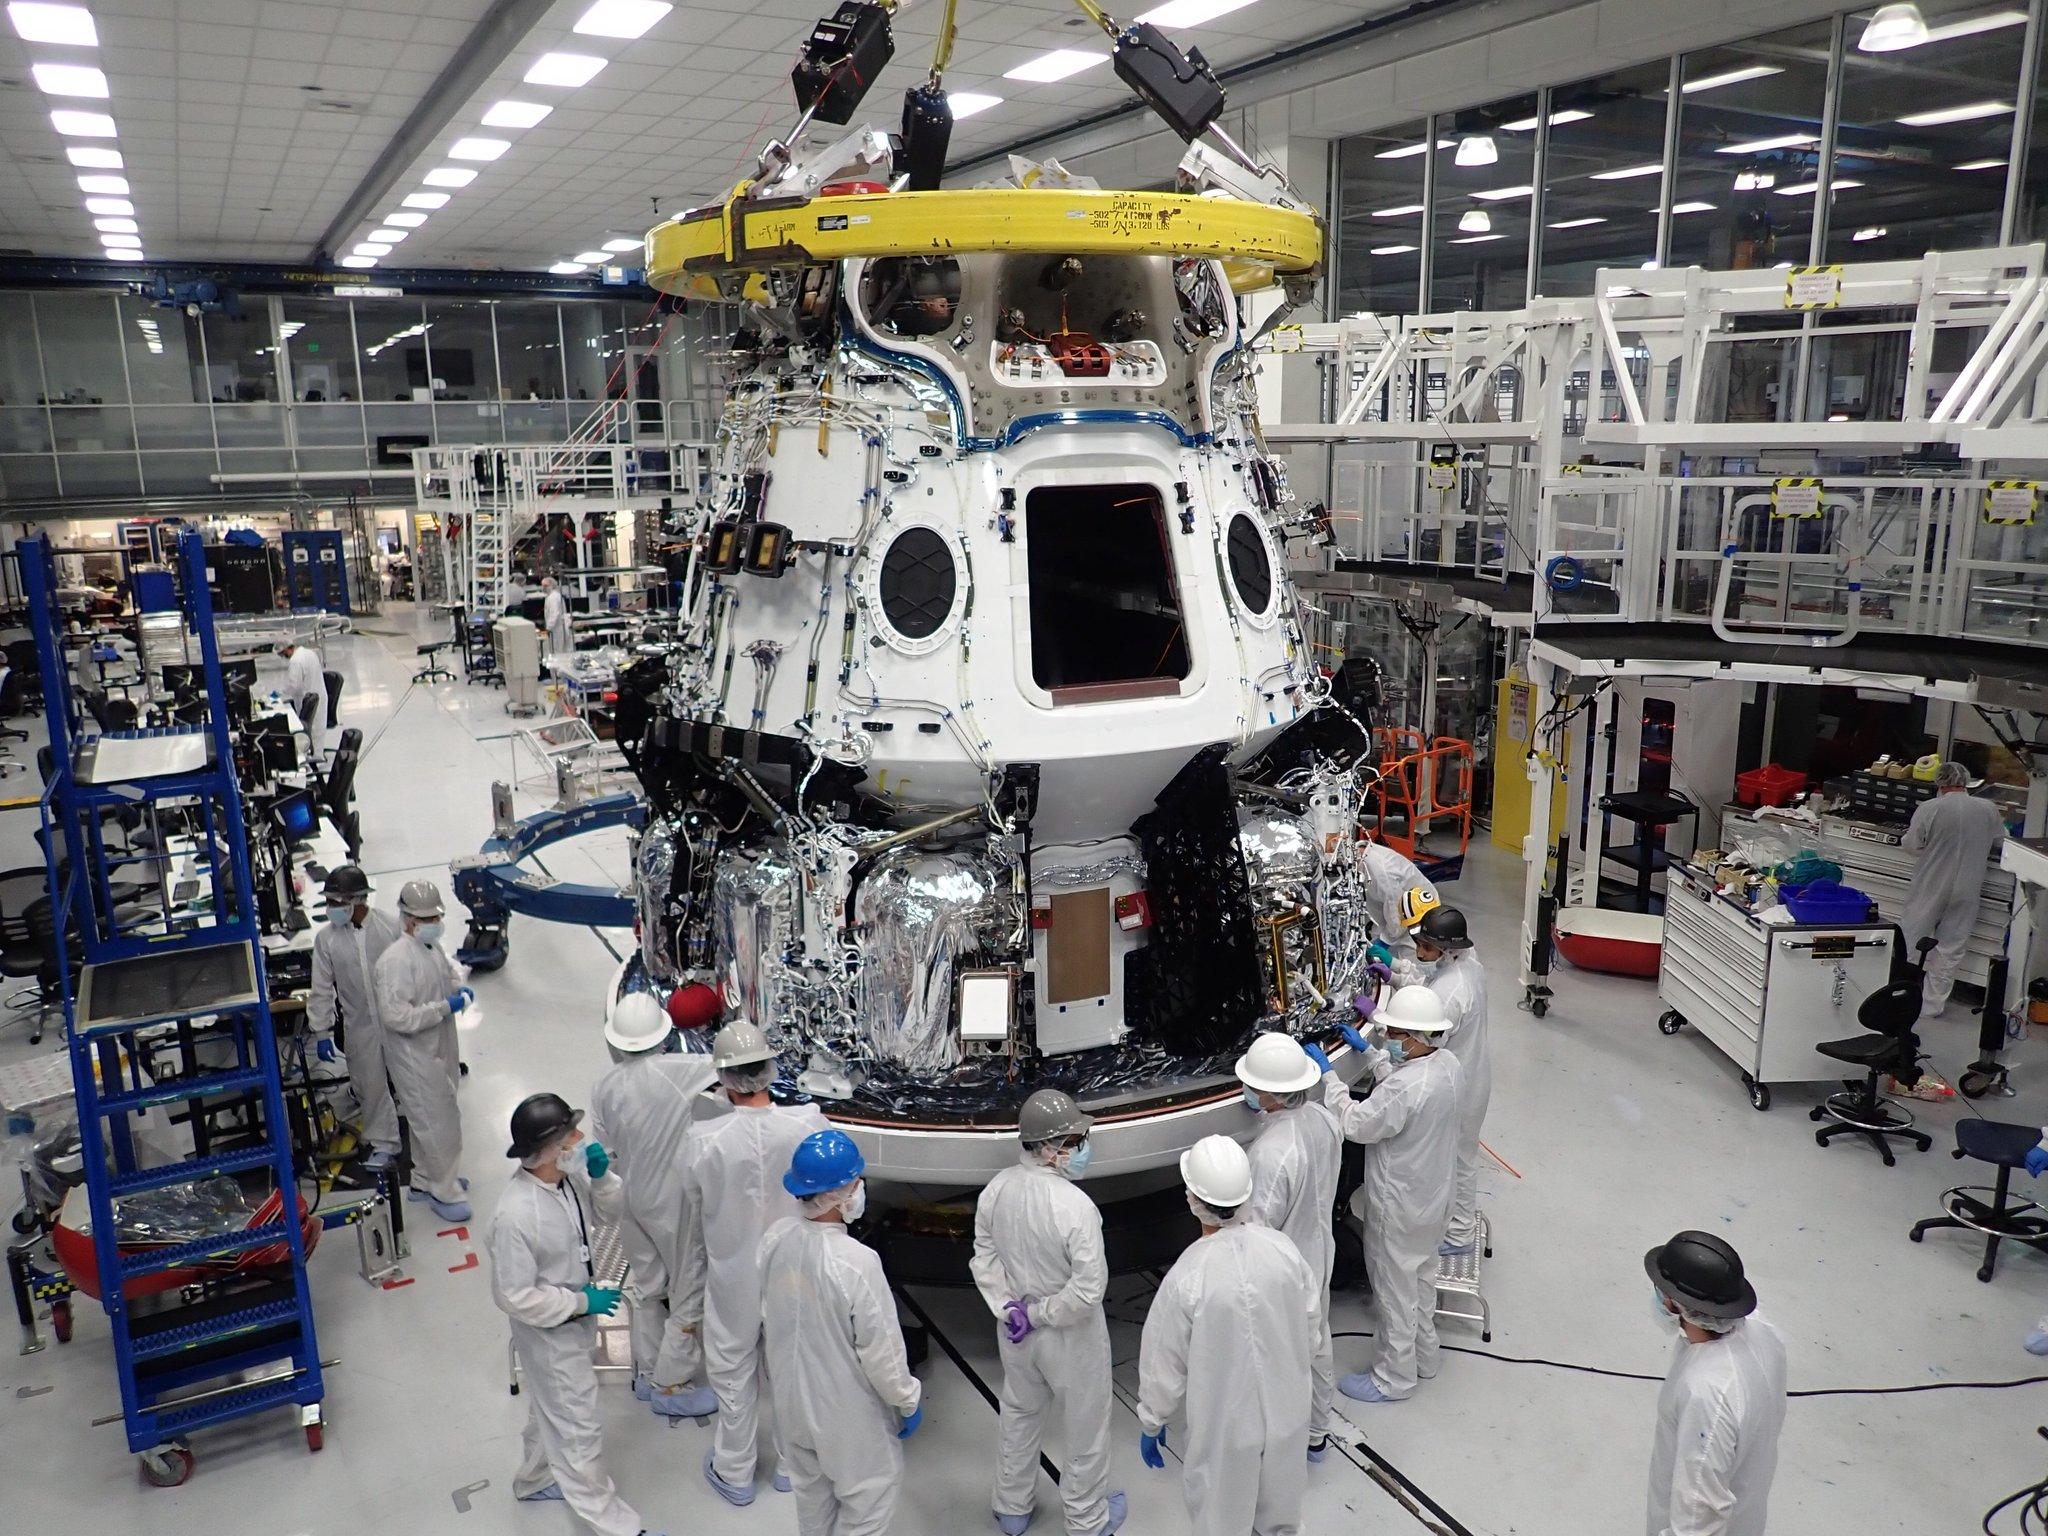 Imaginea 1: Capsula Dragon 2, carianta cargo, care urmează să fie folosită începând din acest an pentru aprovizionarea Stației Spațiale Internaționale.